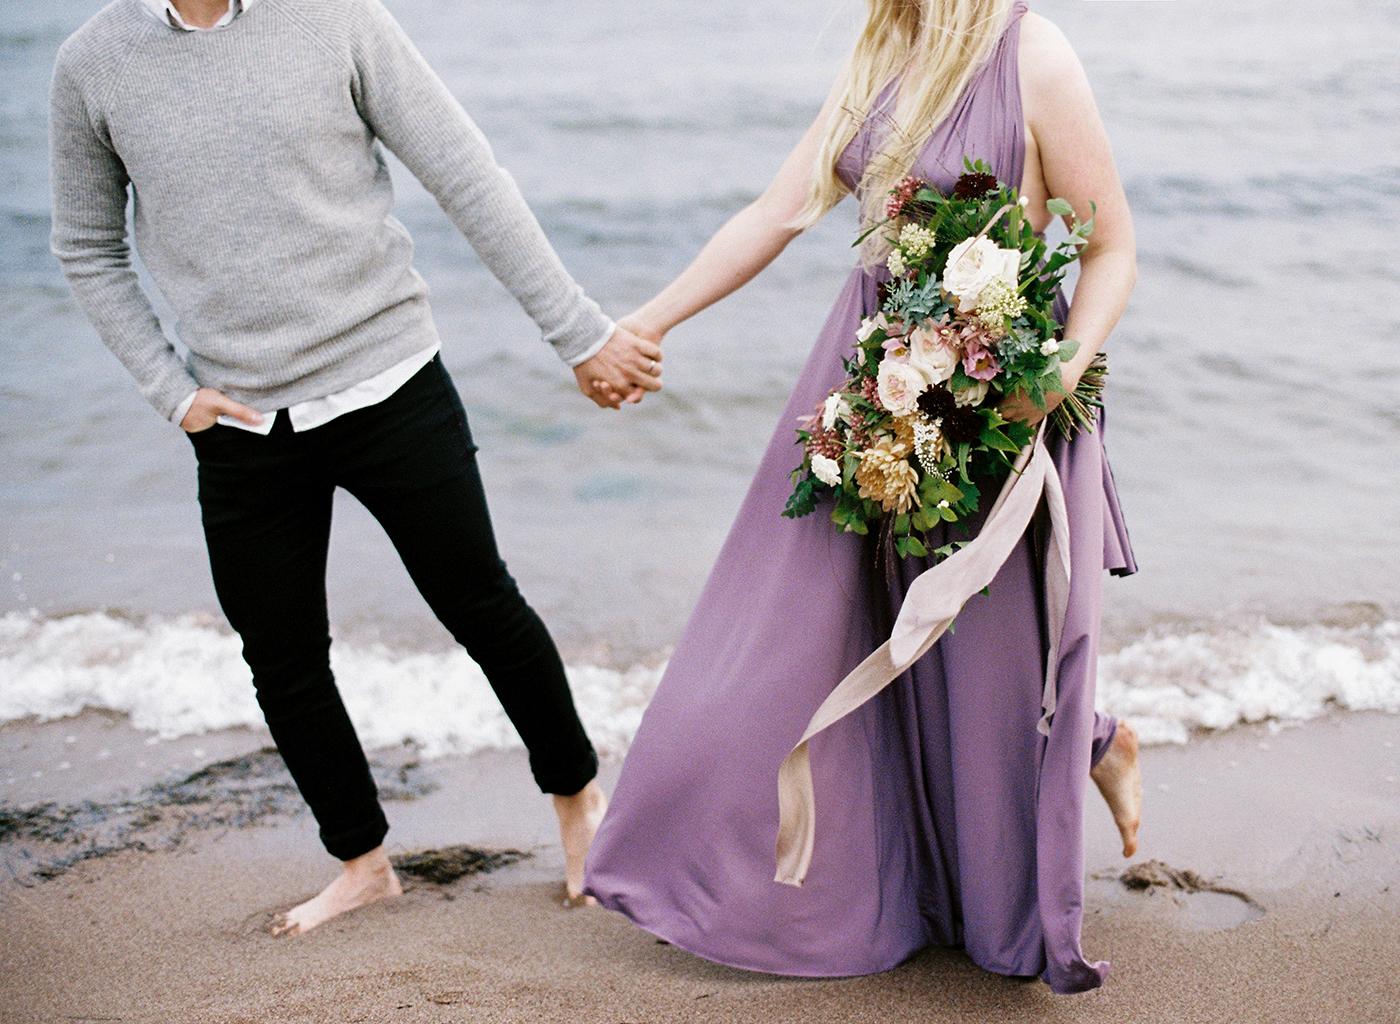 Sari & Mikko - Beach Engagement Couple Shoot in Hanko kihlakuvaus parikuvaus - Susanna Nordvall - Hey Look (29).jpg